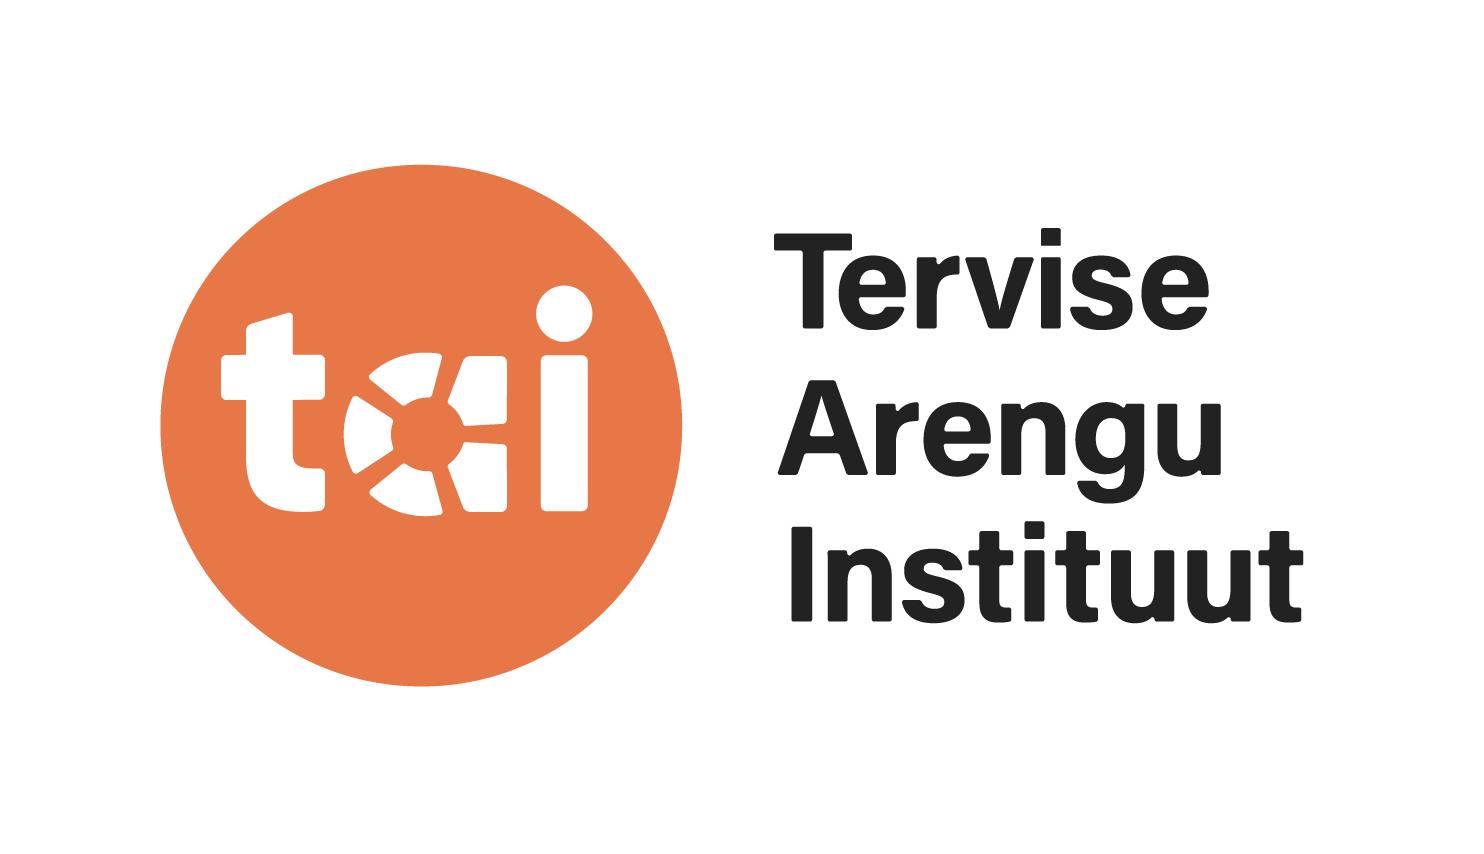 Tervise Arengu Instituut logo